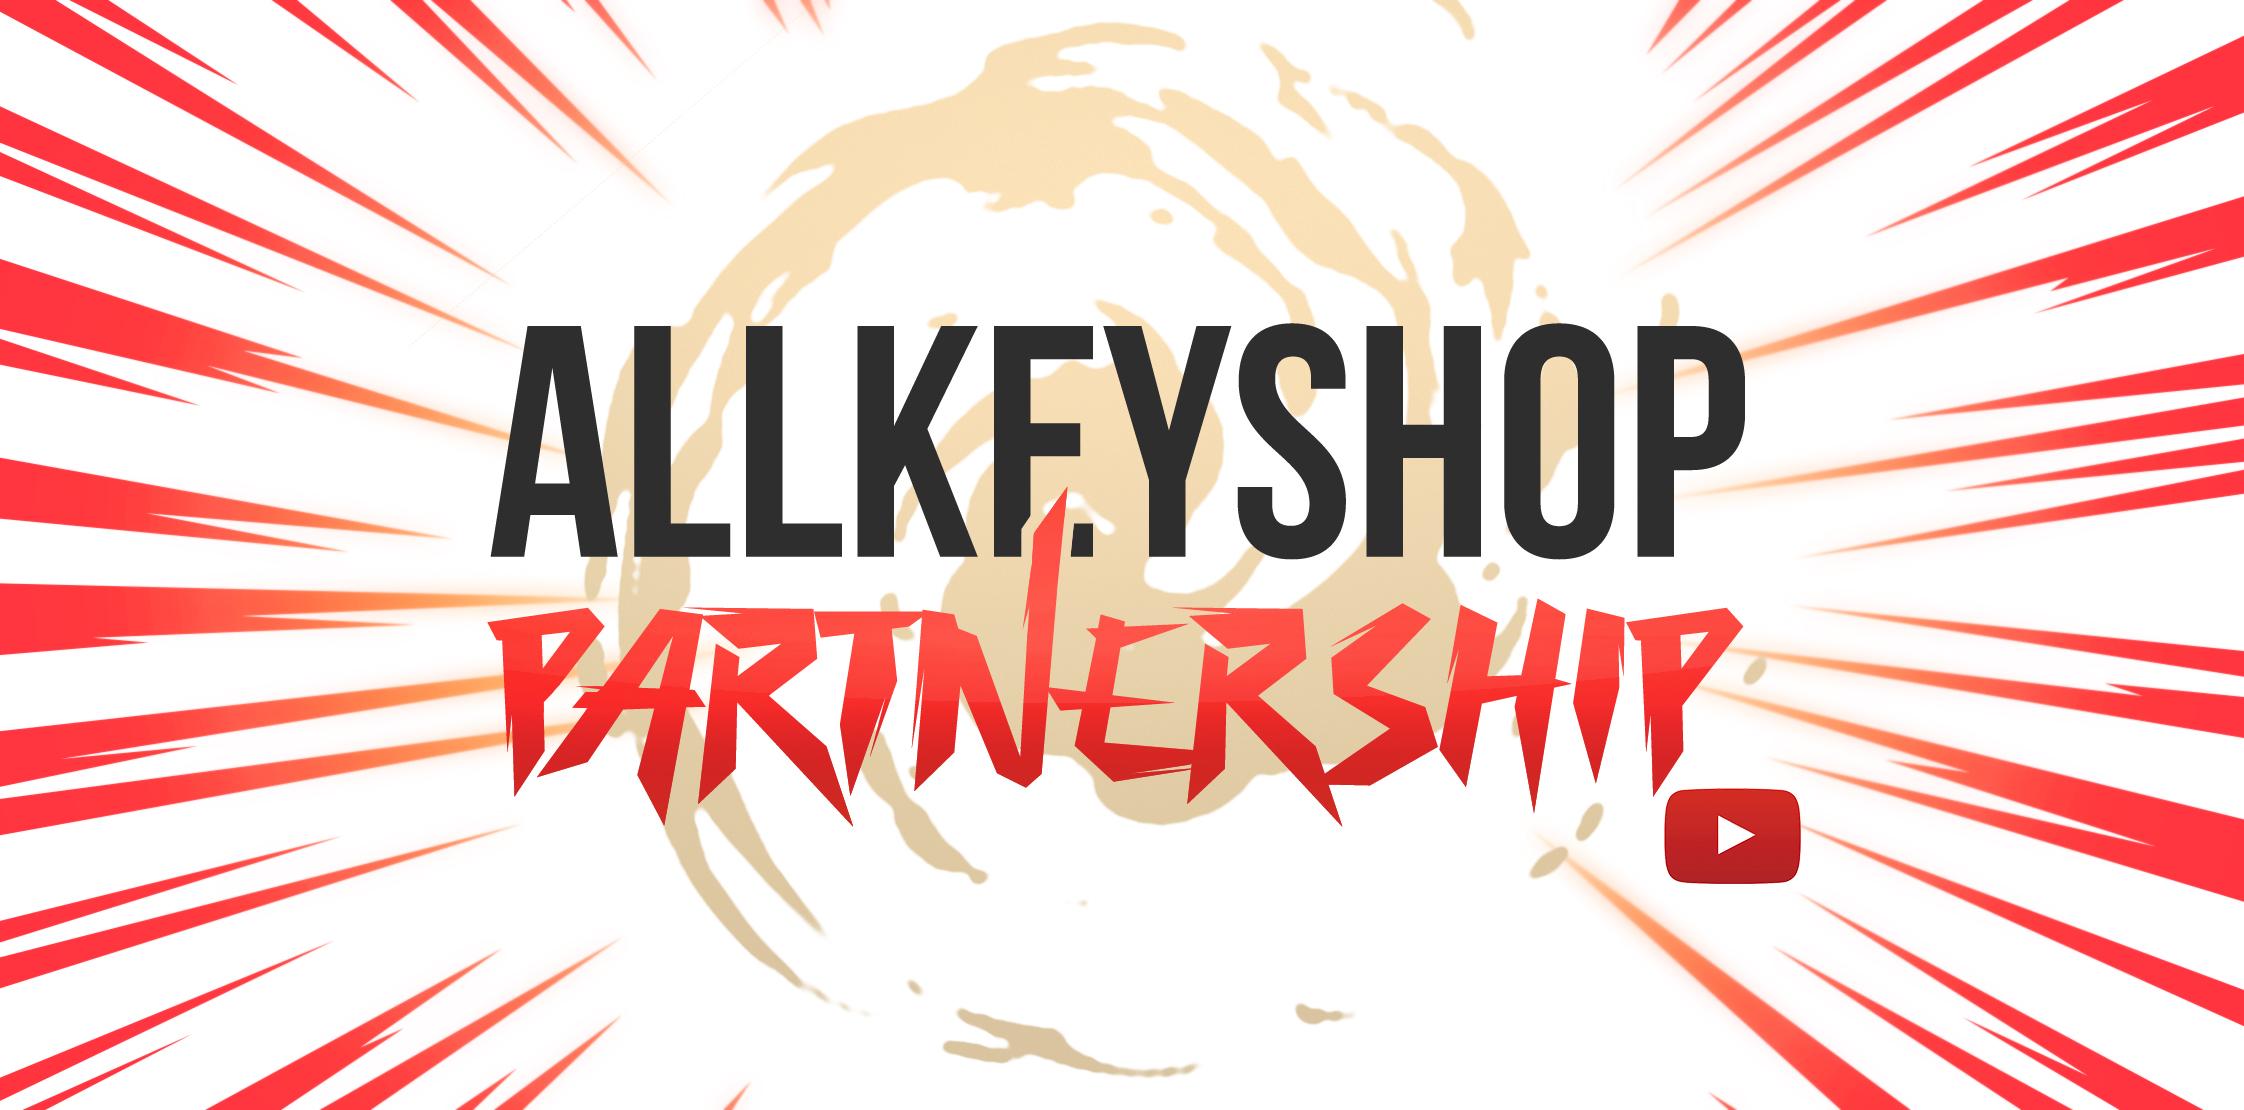 Cdkeyit Youtube Partnership